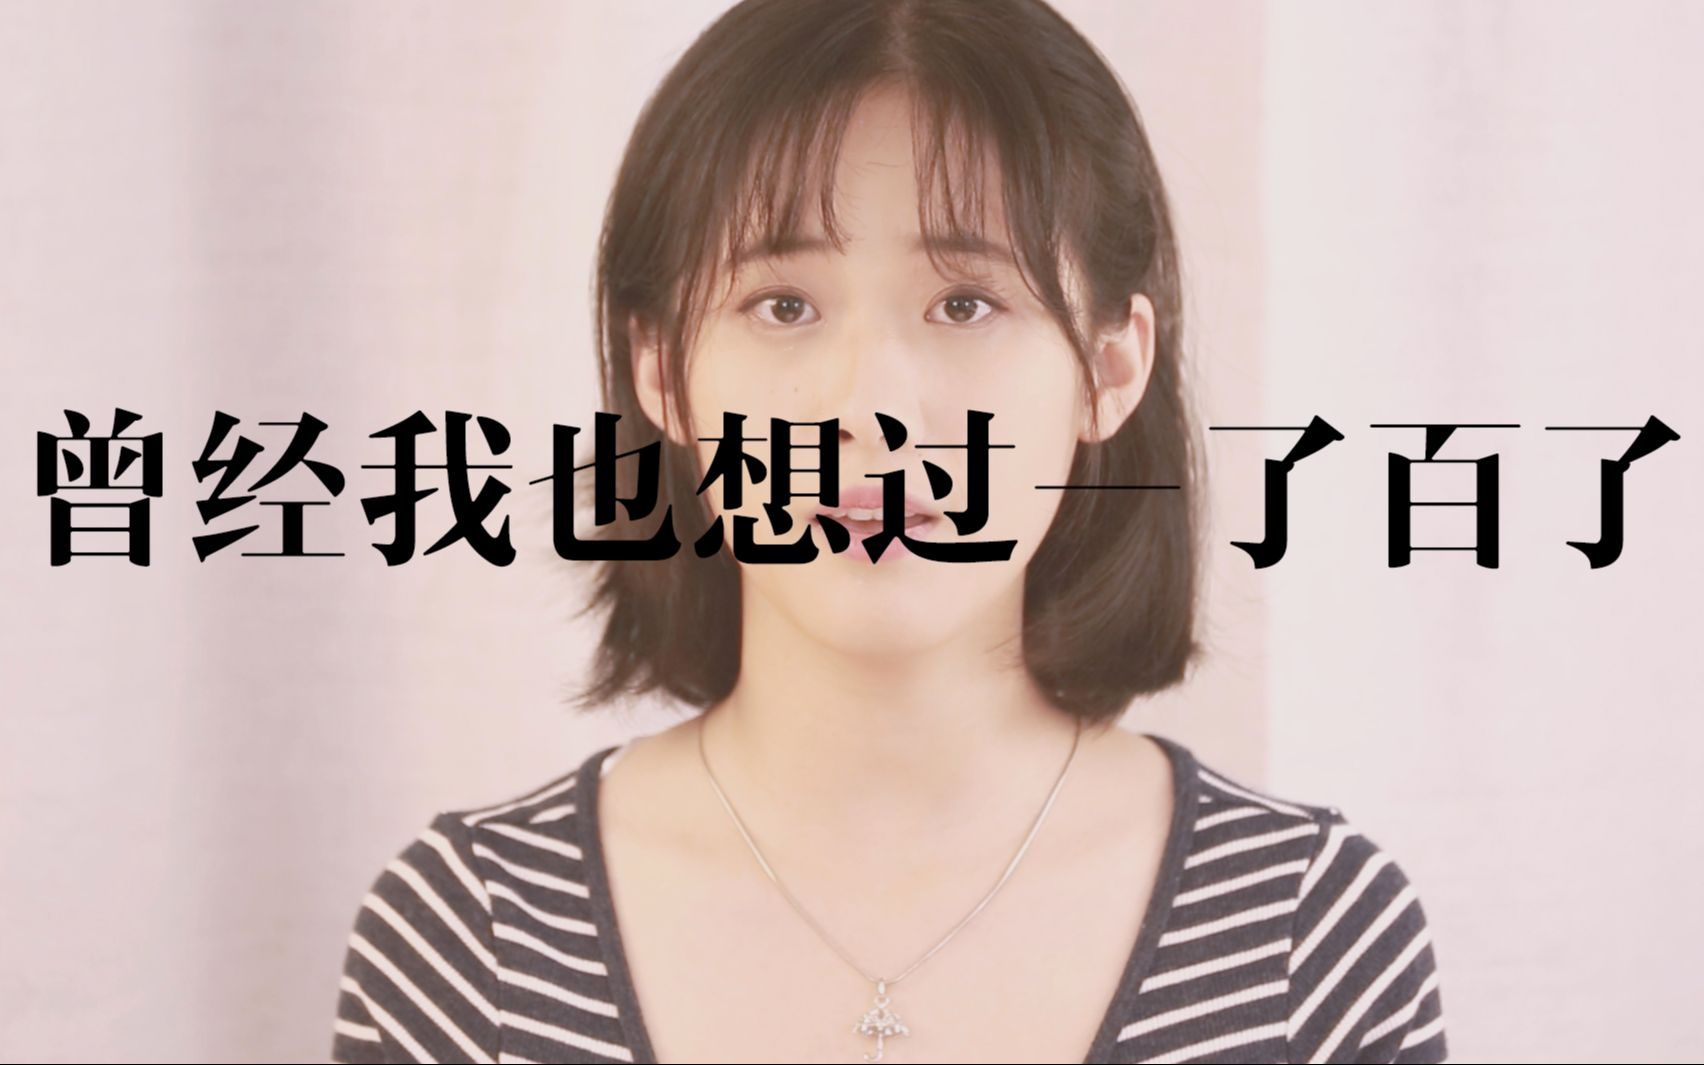 子_【小宁子】《曾经我也想过一了百了》中文版feat.绝之望的马沙